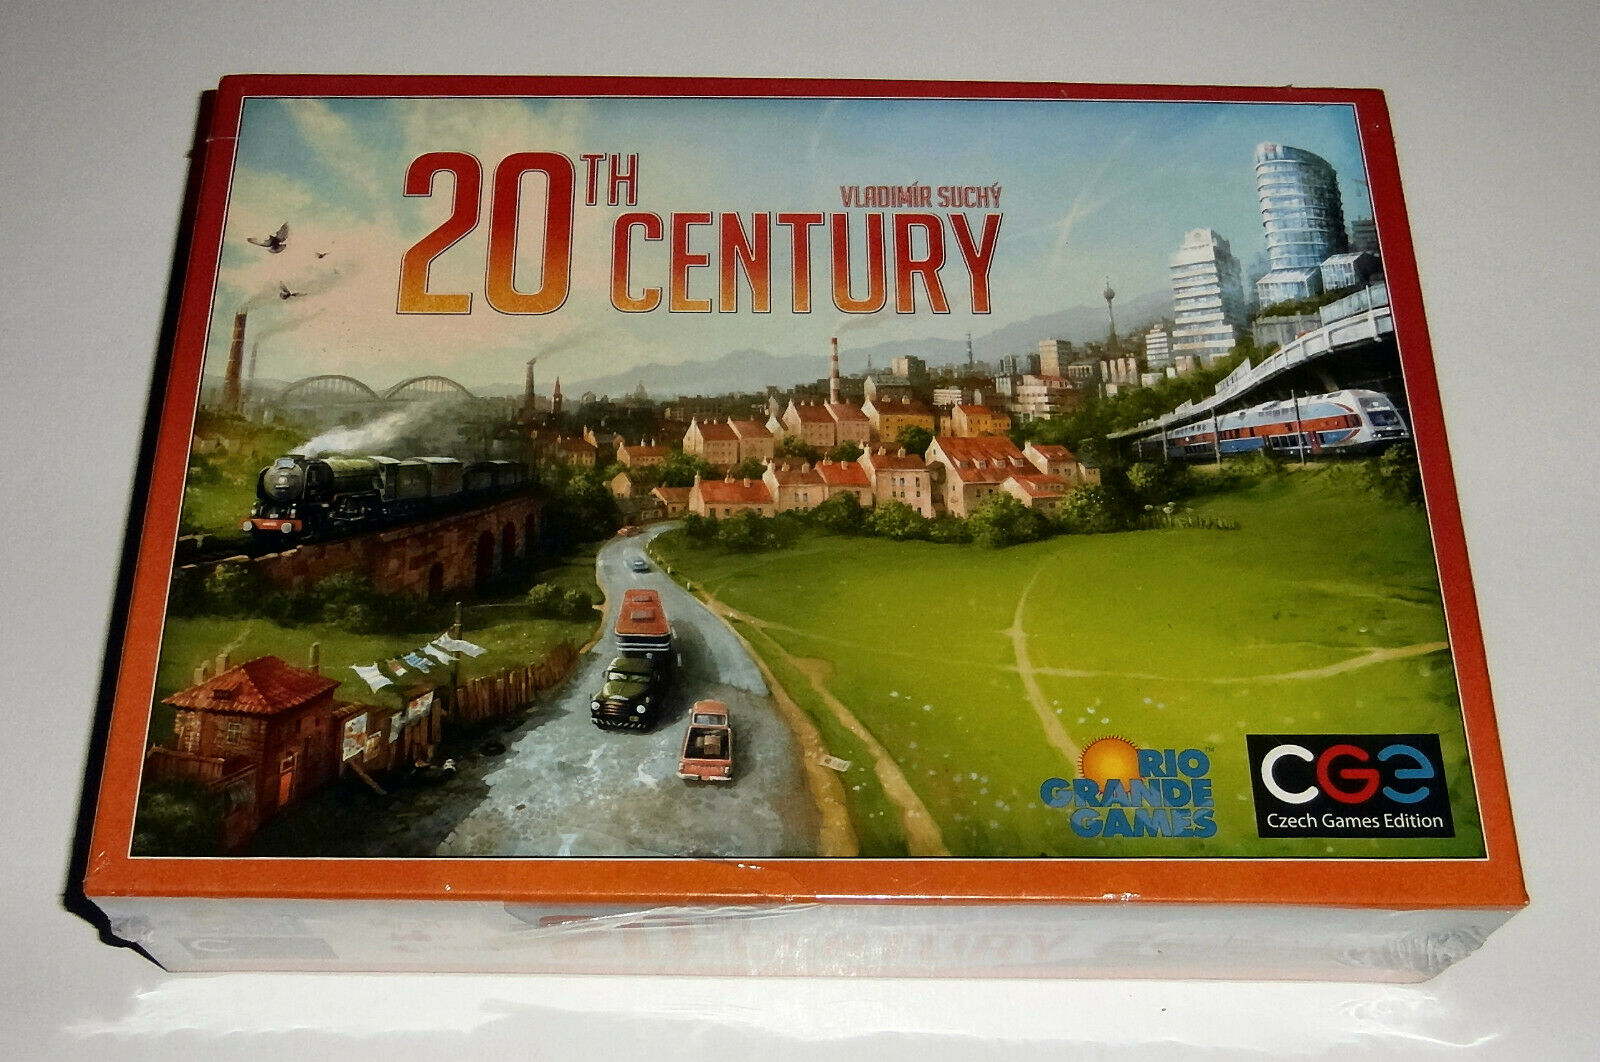 20th Century-Rio Grande Juegos Juegos Checa Edición - 2010